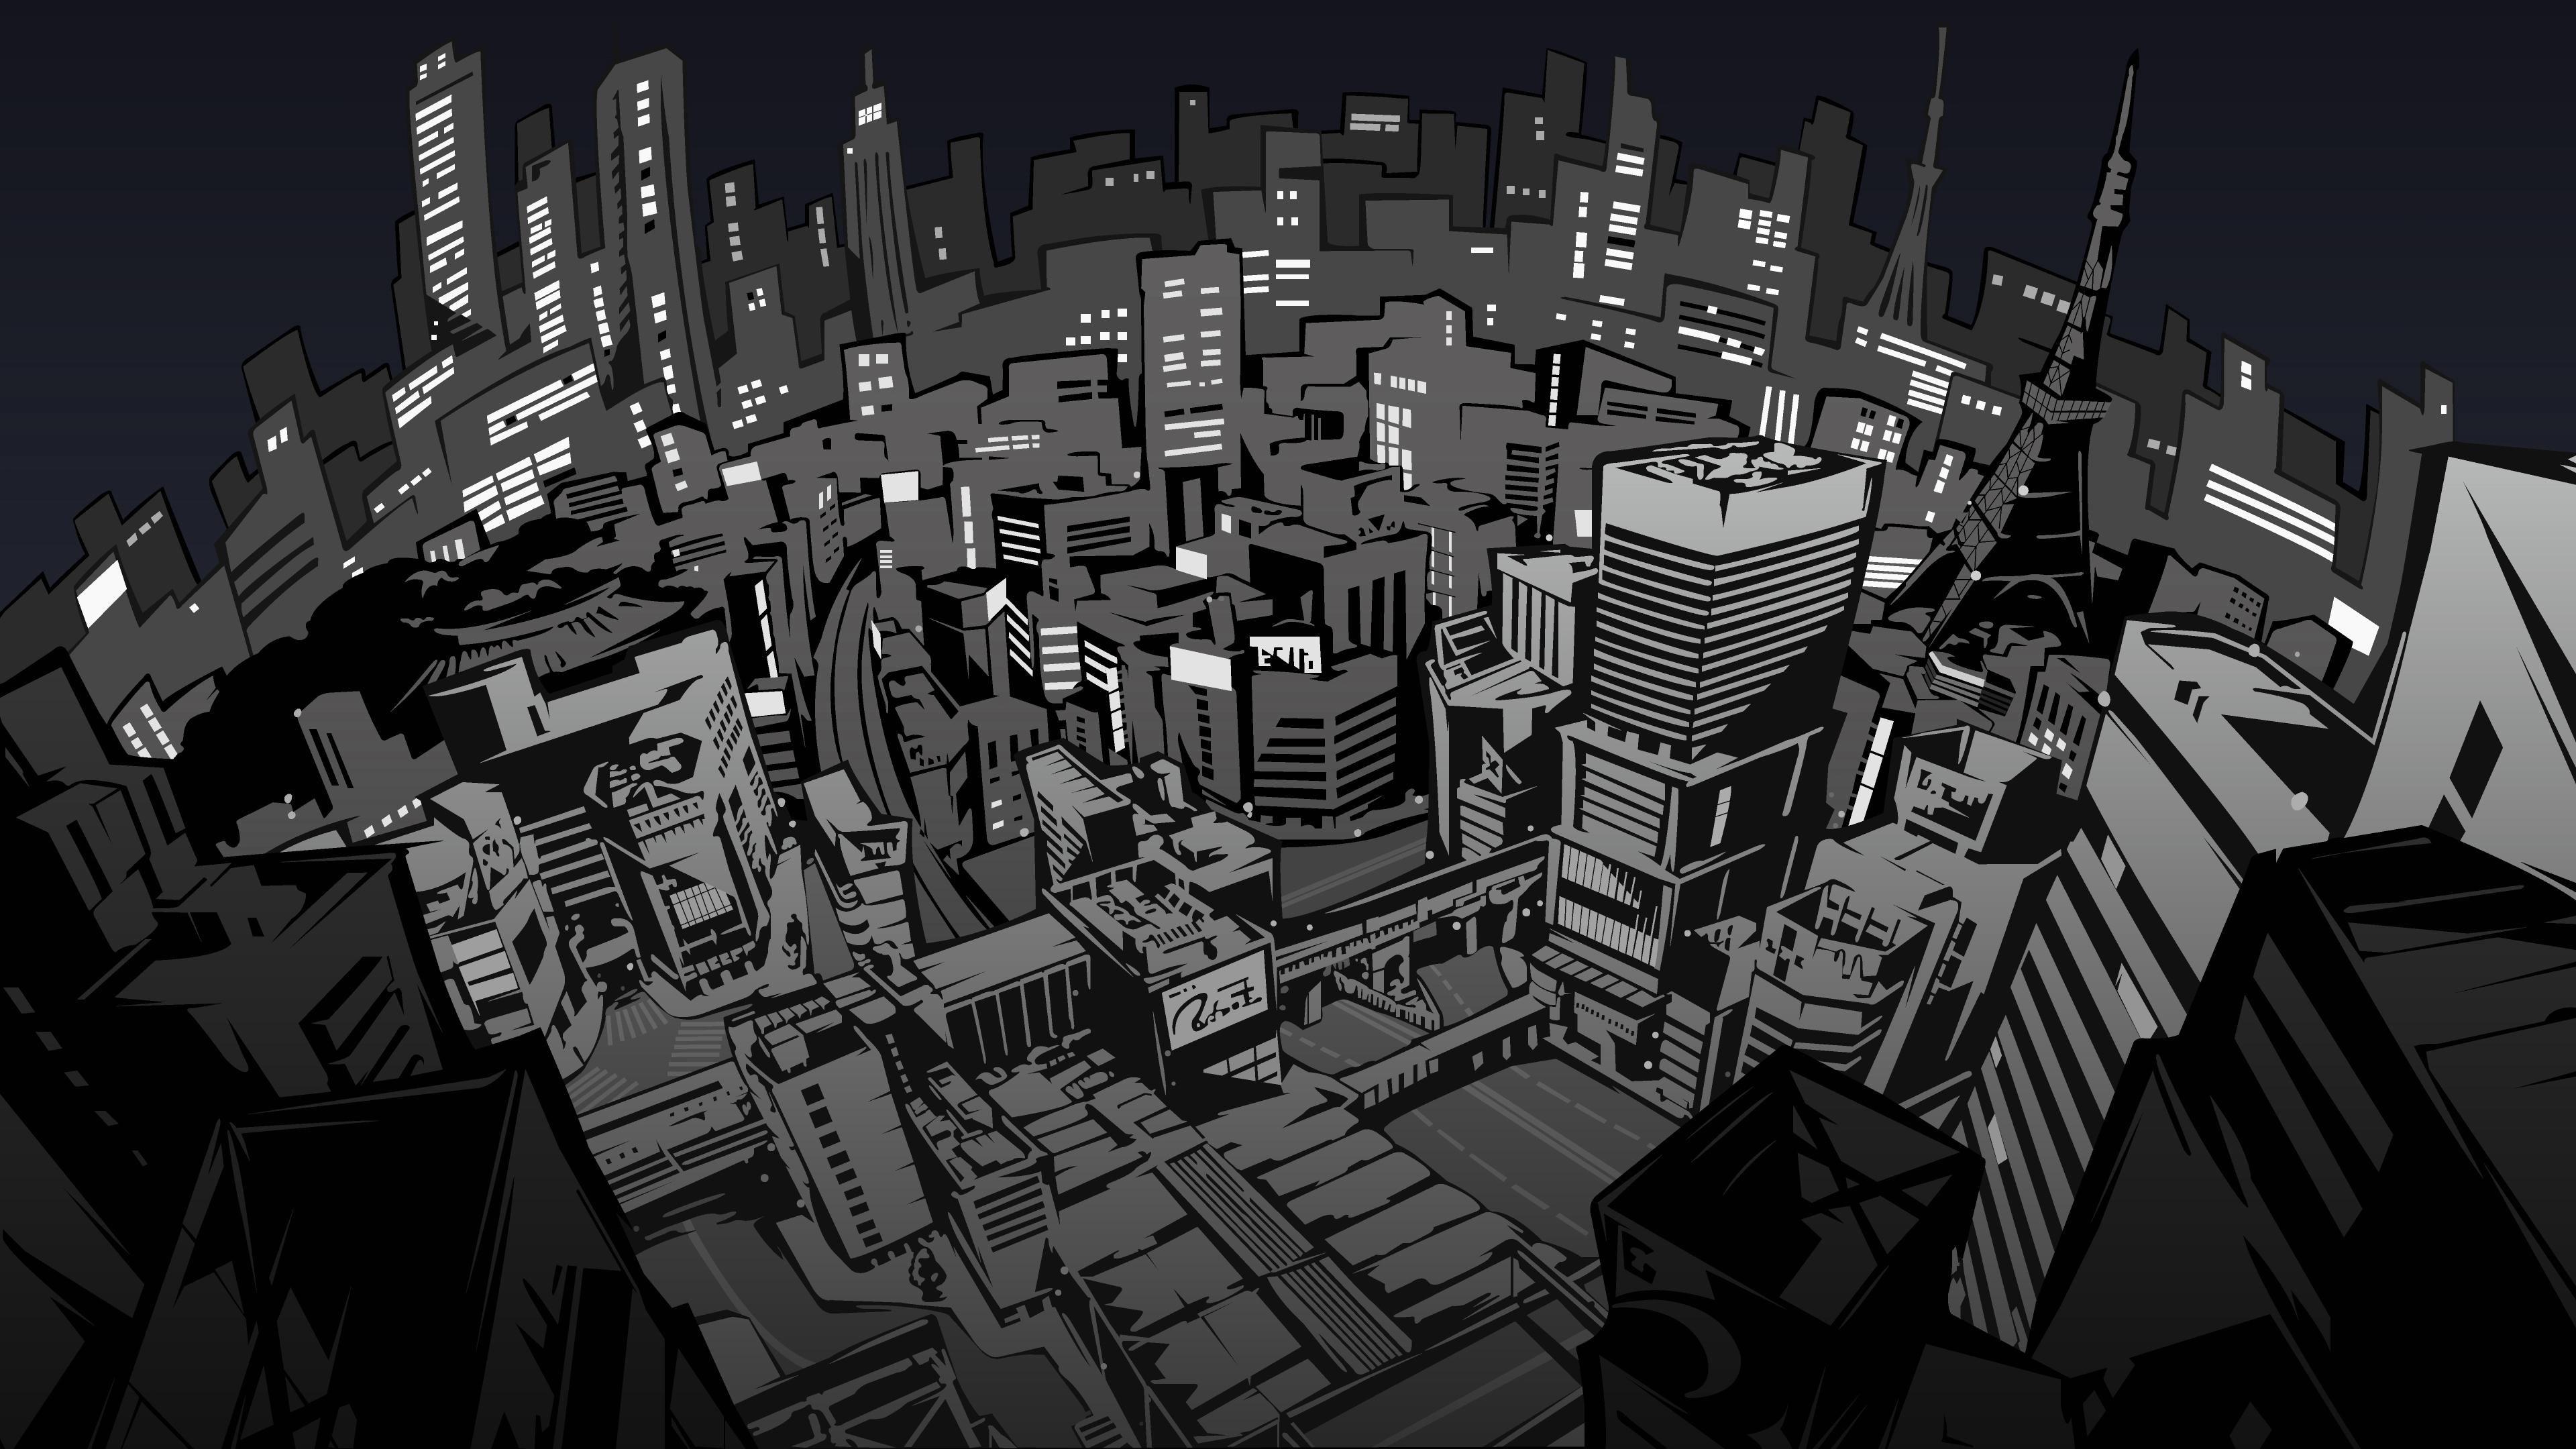 Persona Nighttime Tokyo 4K wallpaper   City illustration ...